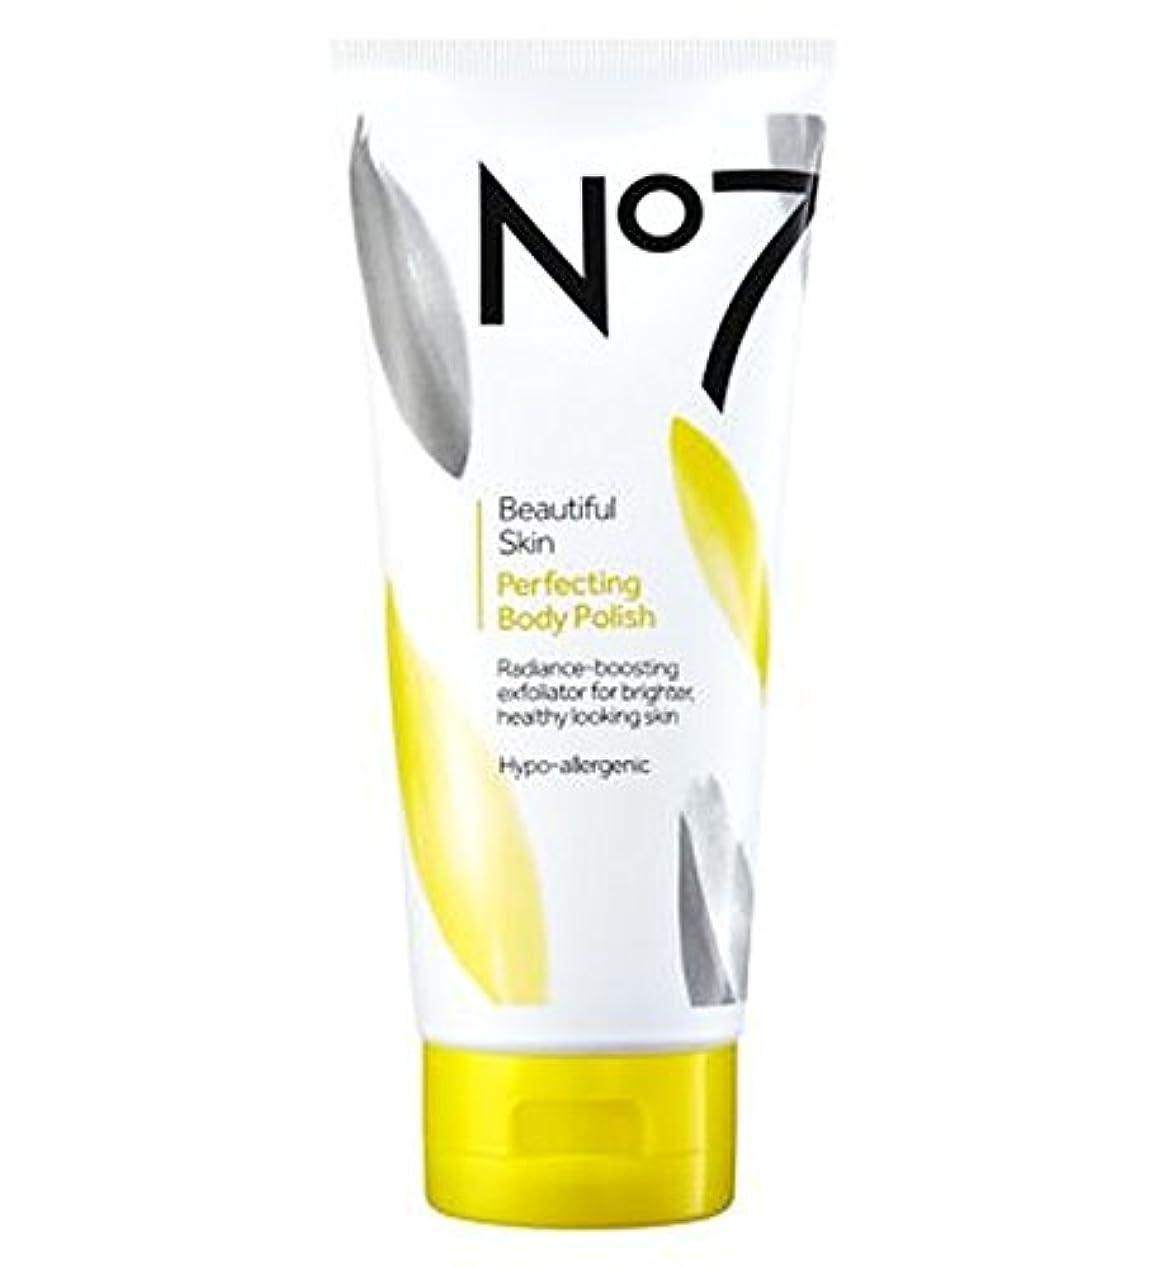 六チャートそれに応じてNo7 Beautiful Skin Perfecting Body Polish - ボディポリッシュを完成No7美肌 (No7) [並行輸入品]